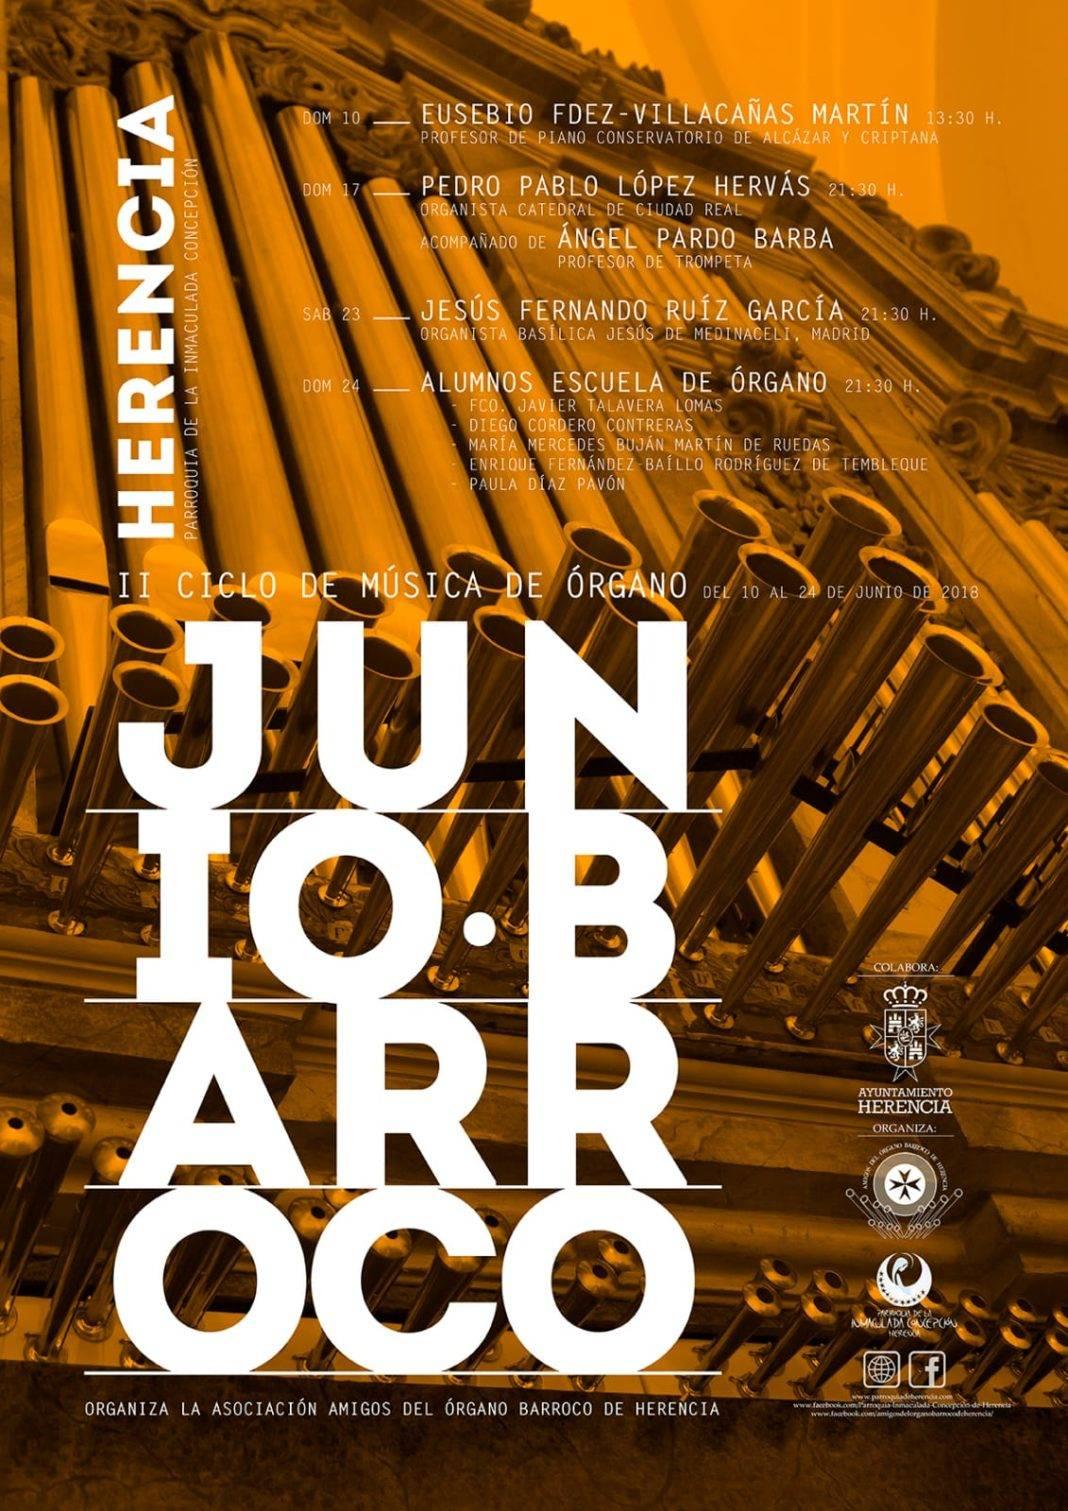 Herencia acoge su segundo ciclo de música de órgano barroco durante el mes de junio 2